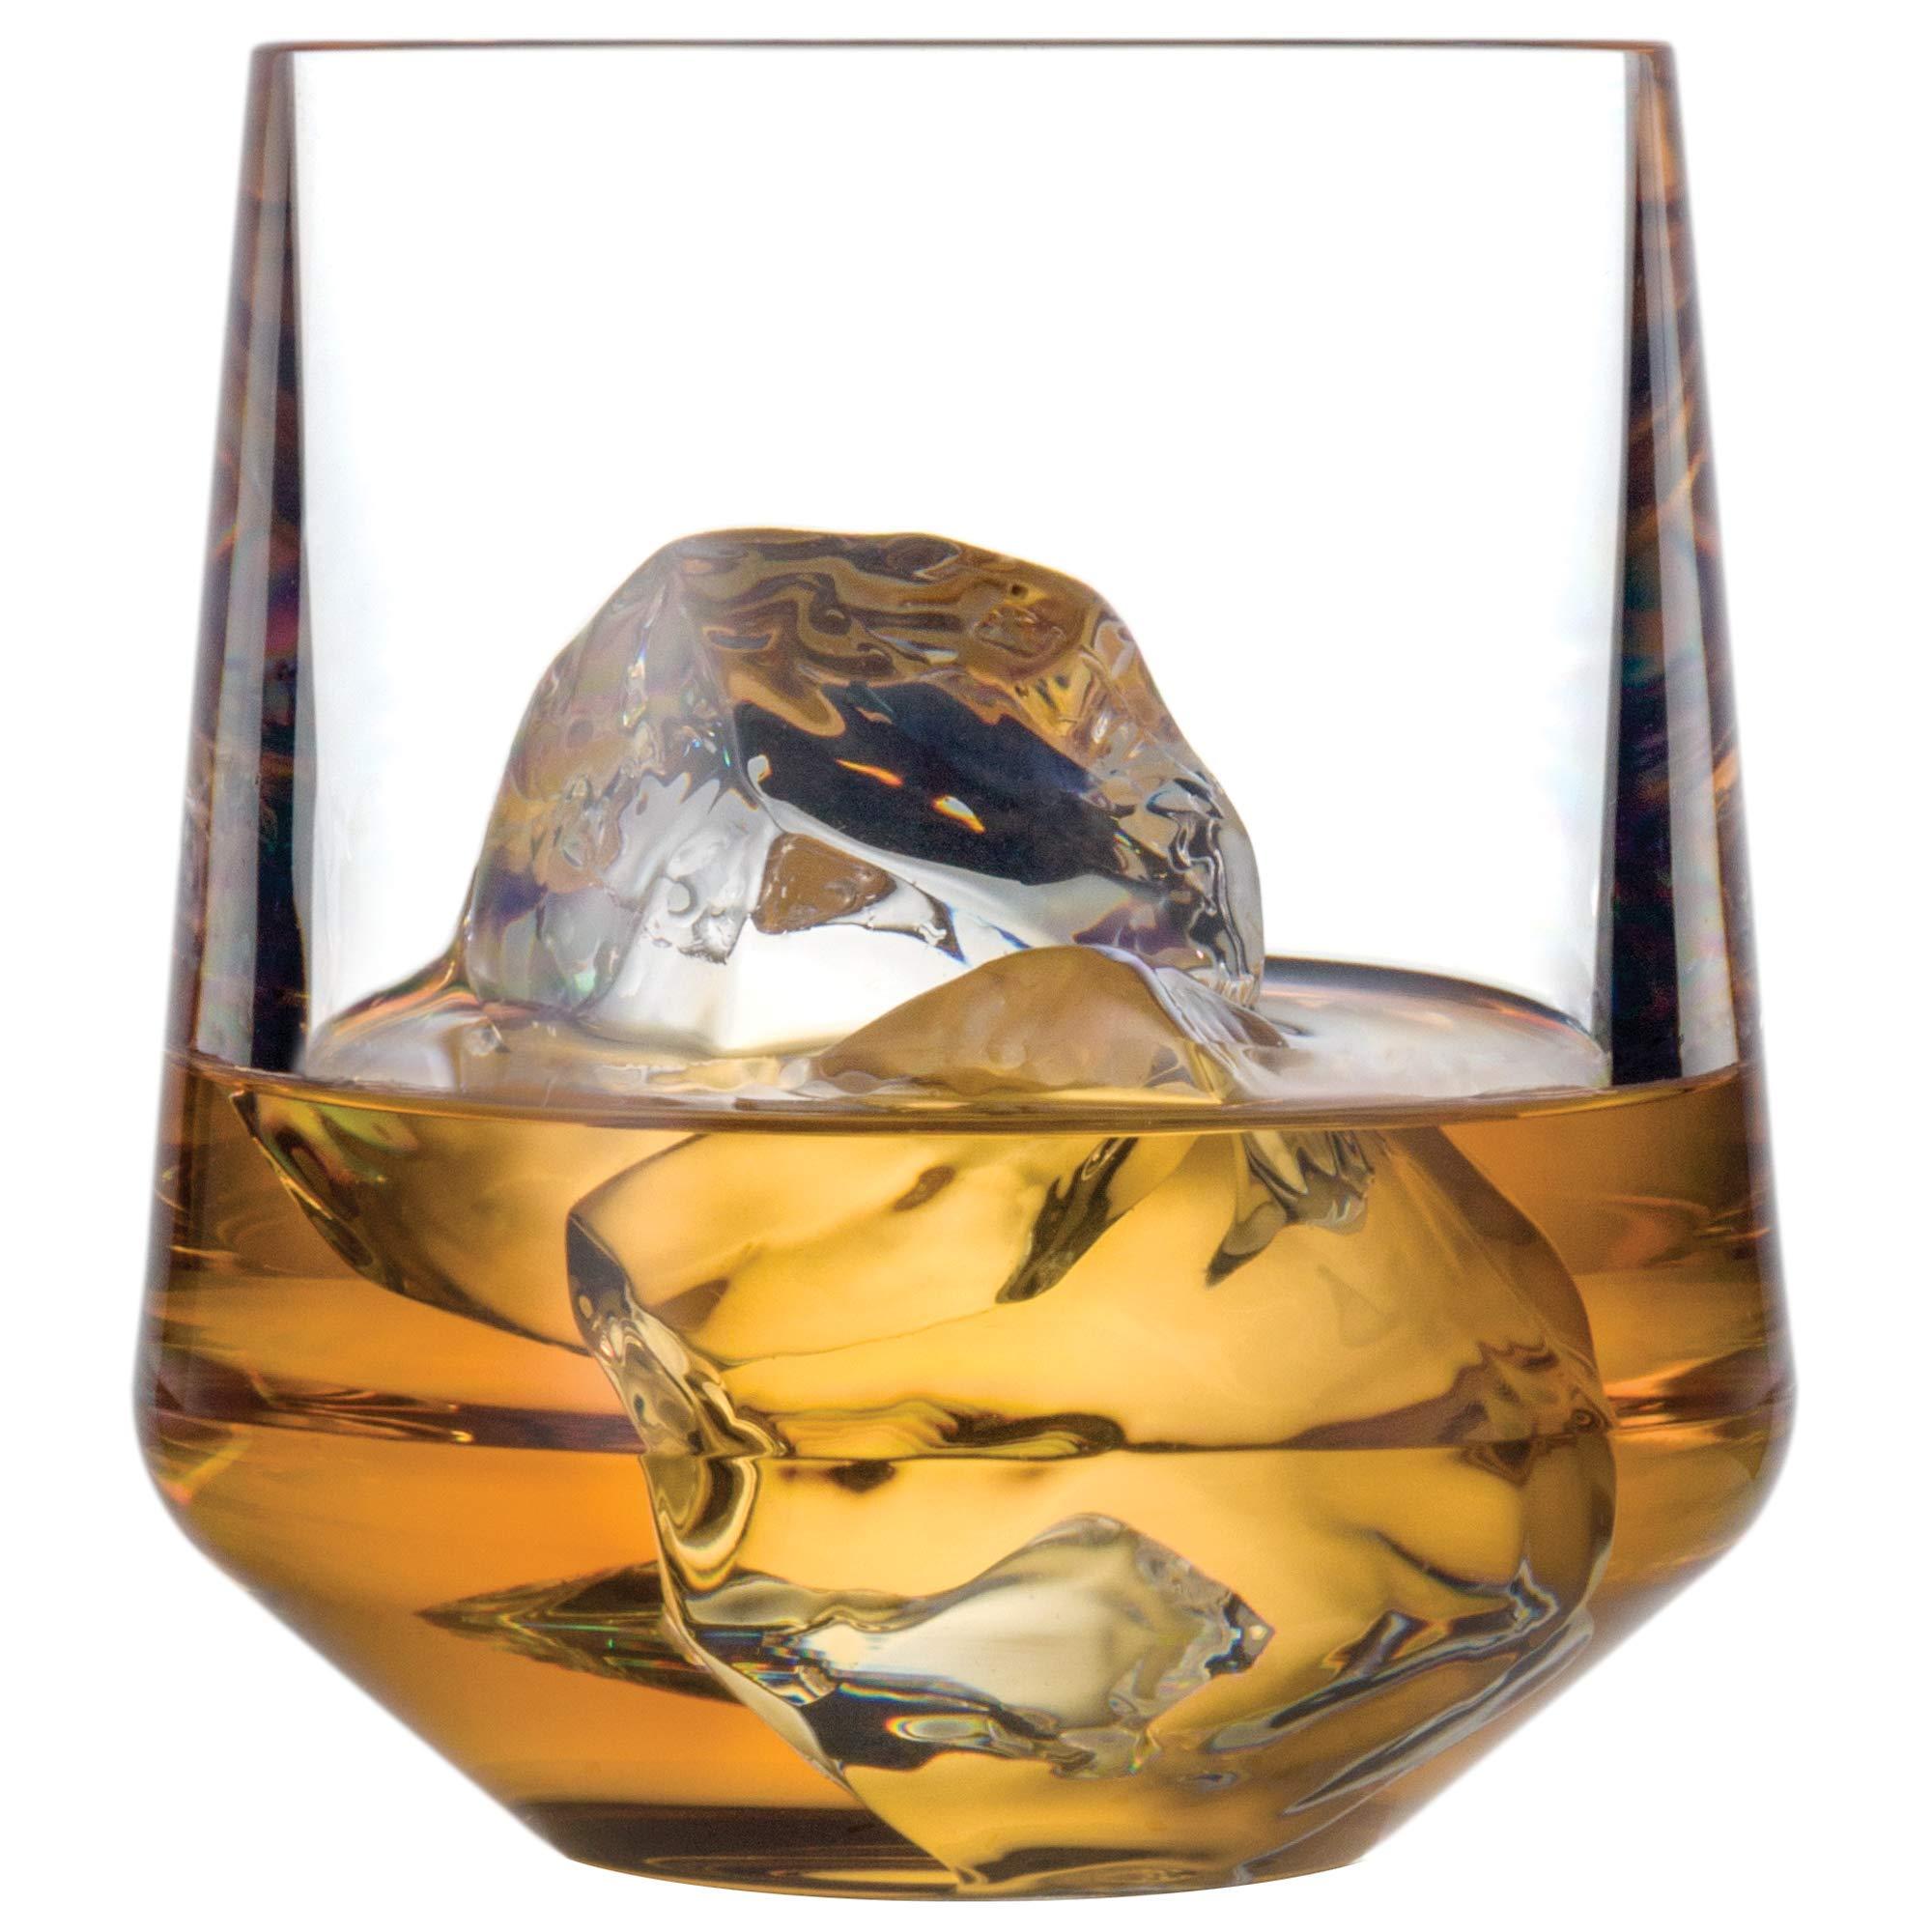 Drinique VIN-SW-CLR-4 Stemless Unbreakable Tritan Wine Glasses, 12 oz (Set of 4), Clear by Drinique (Image #3)